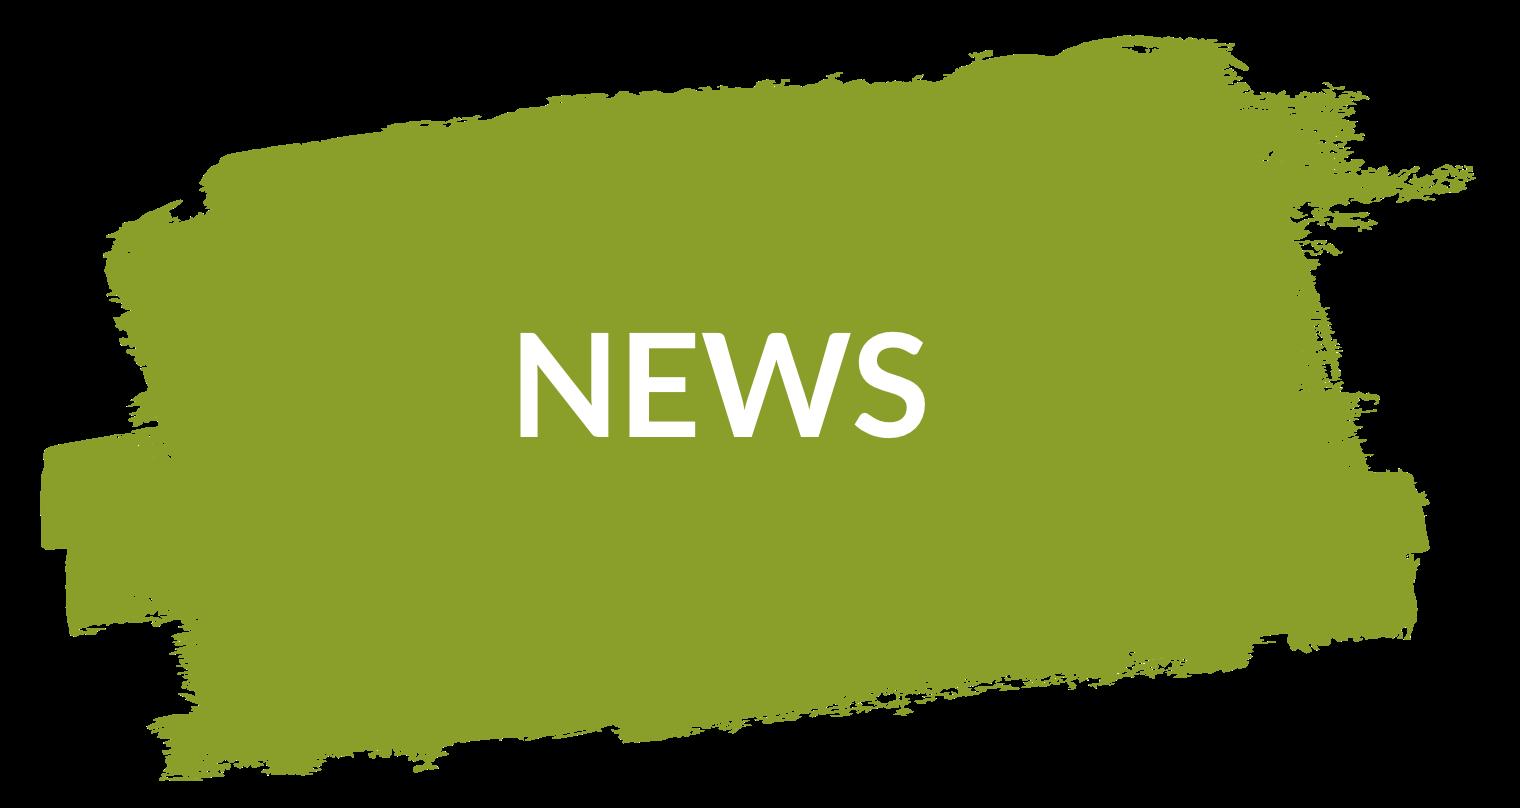 news grafik biobase